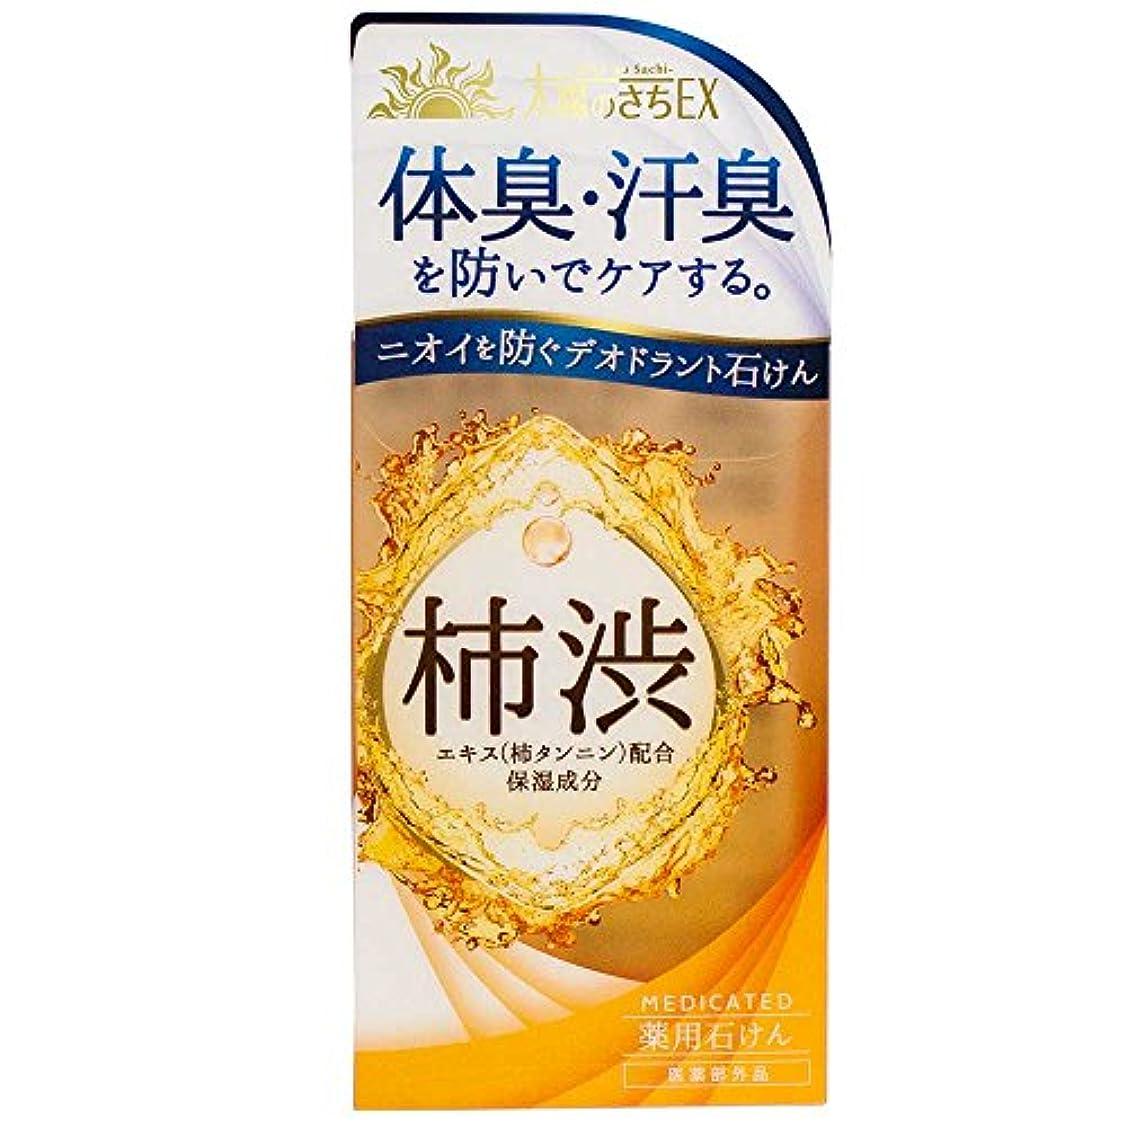 集まるリレー弾性薬用太陽のさちEX 柿渋石けん 120g